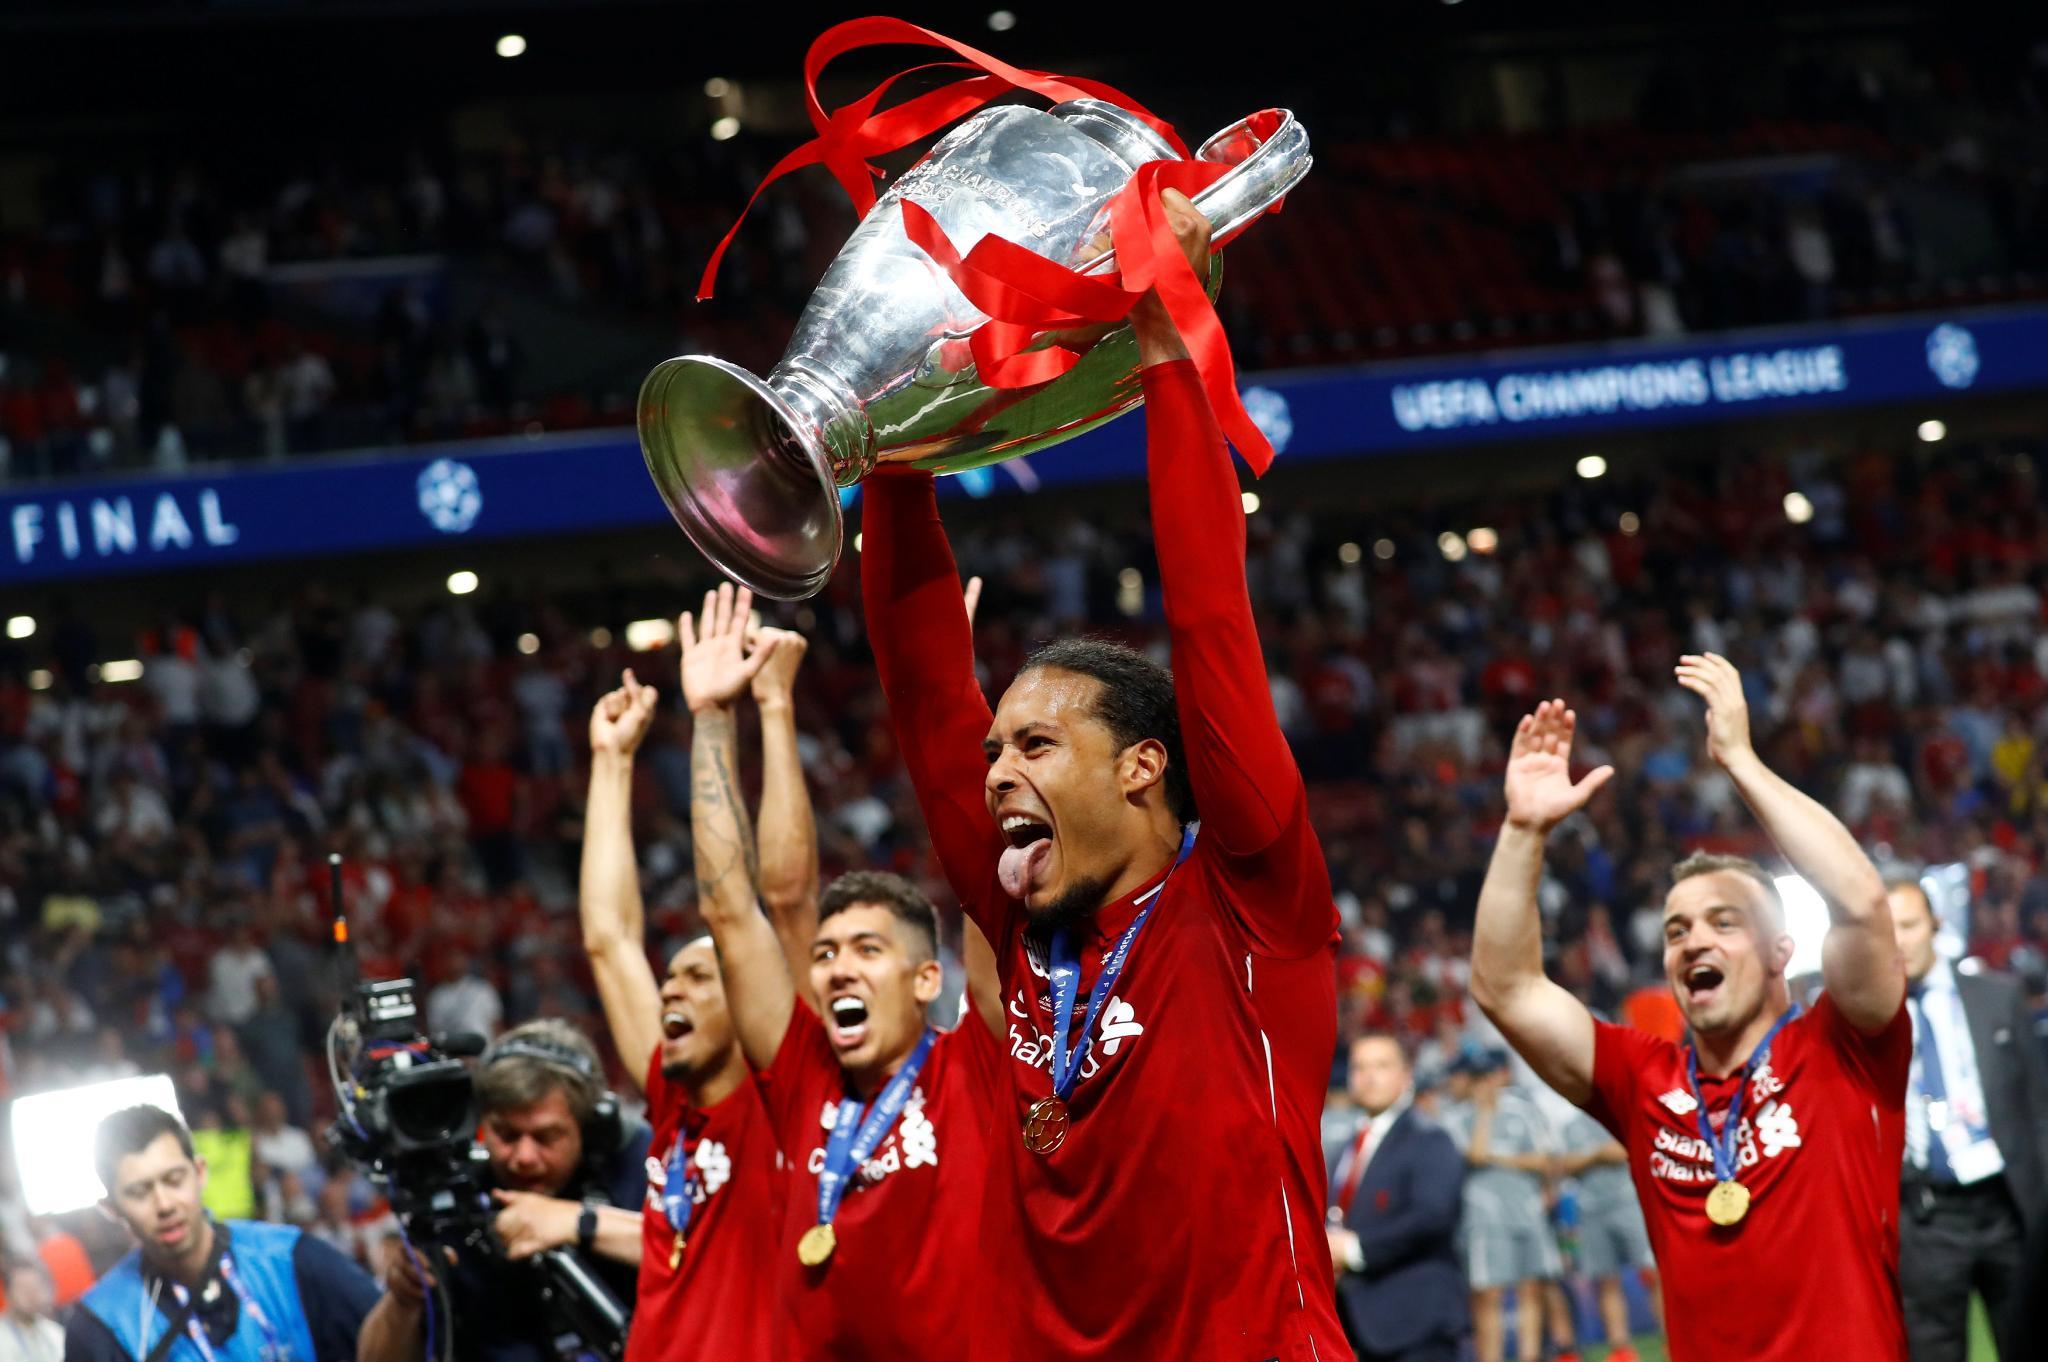 Van Dijk levantando el trofeo.